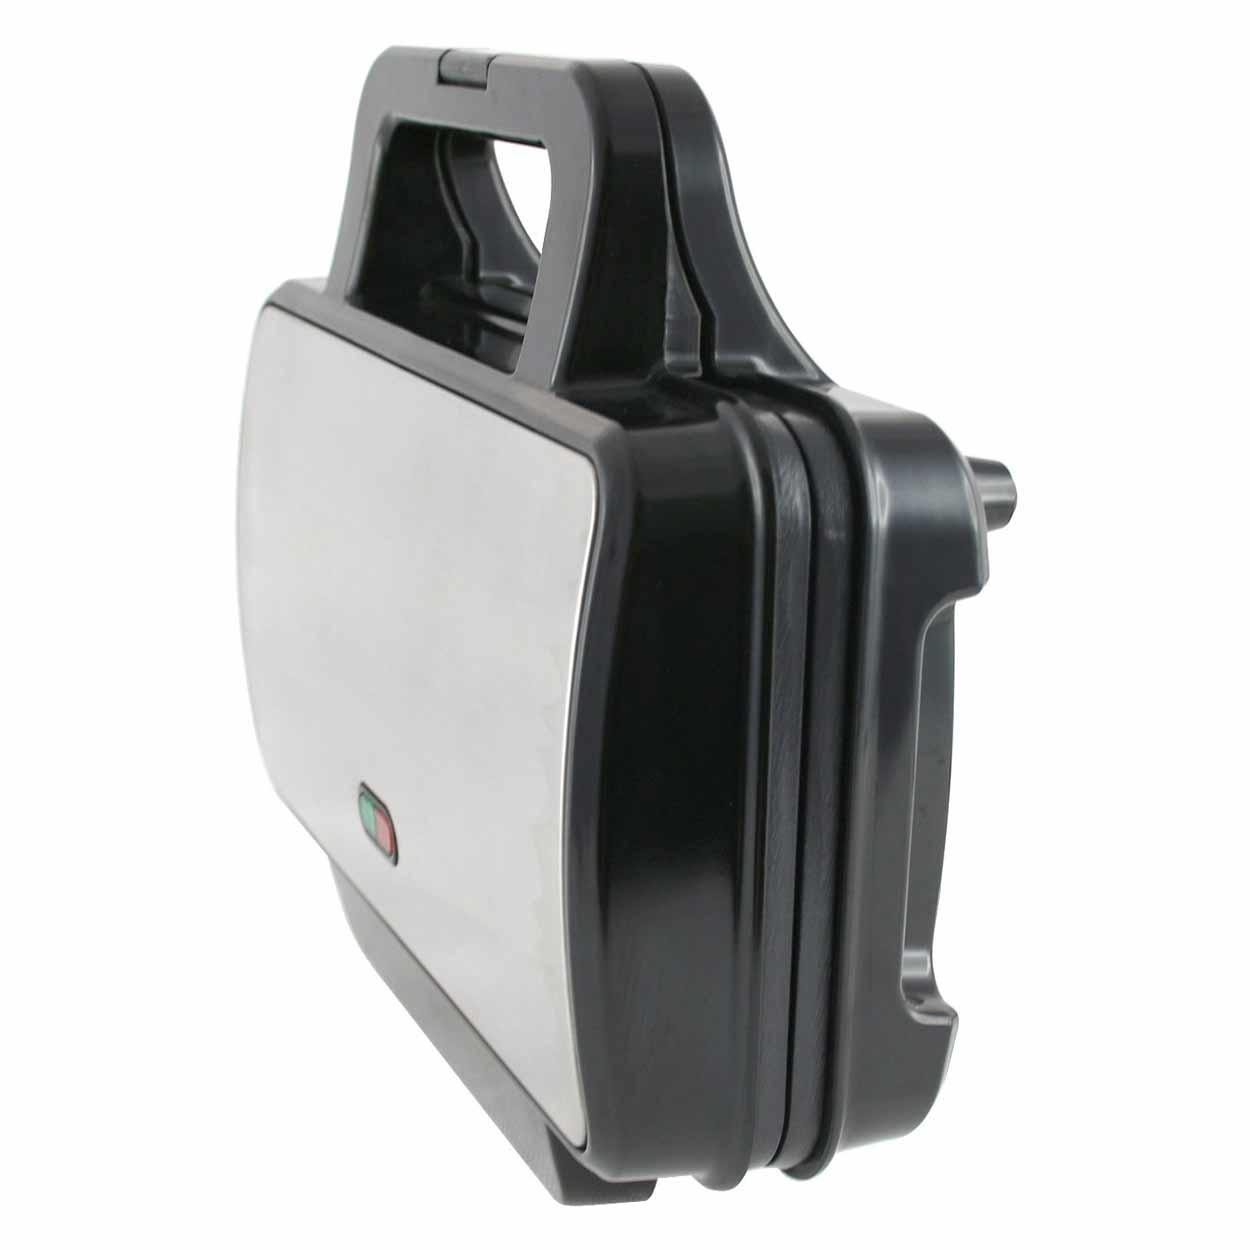 Sandwich-Toaster Emerio ST-109562 für 2 Toast-Scheiben – Bild 4